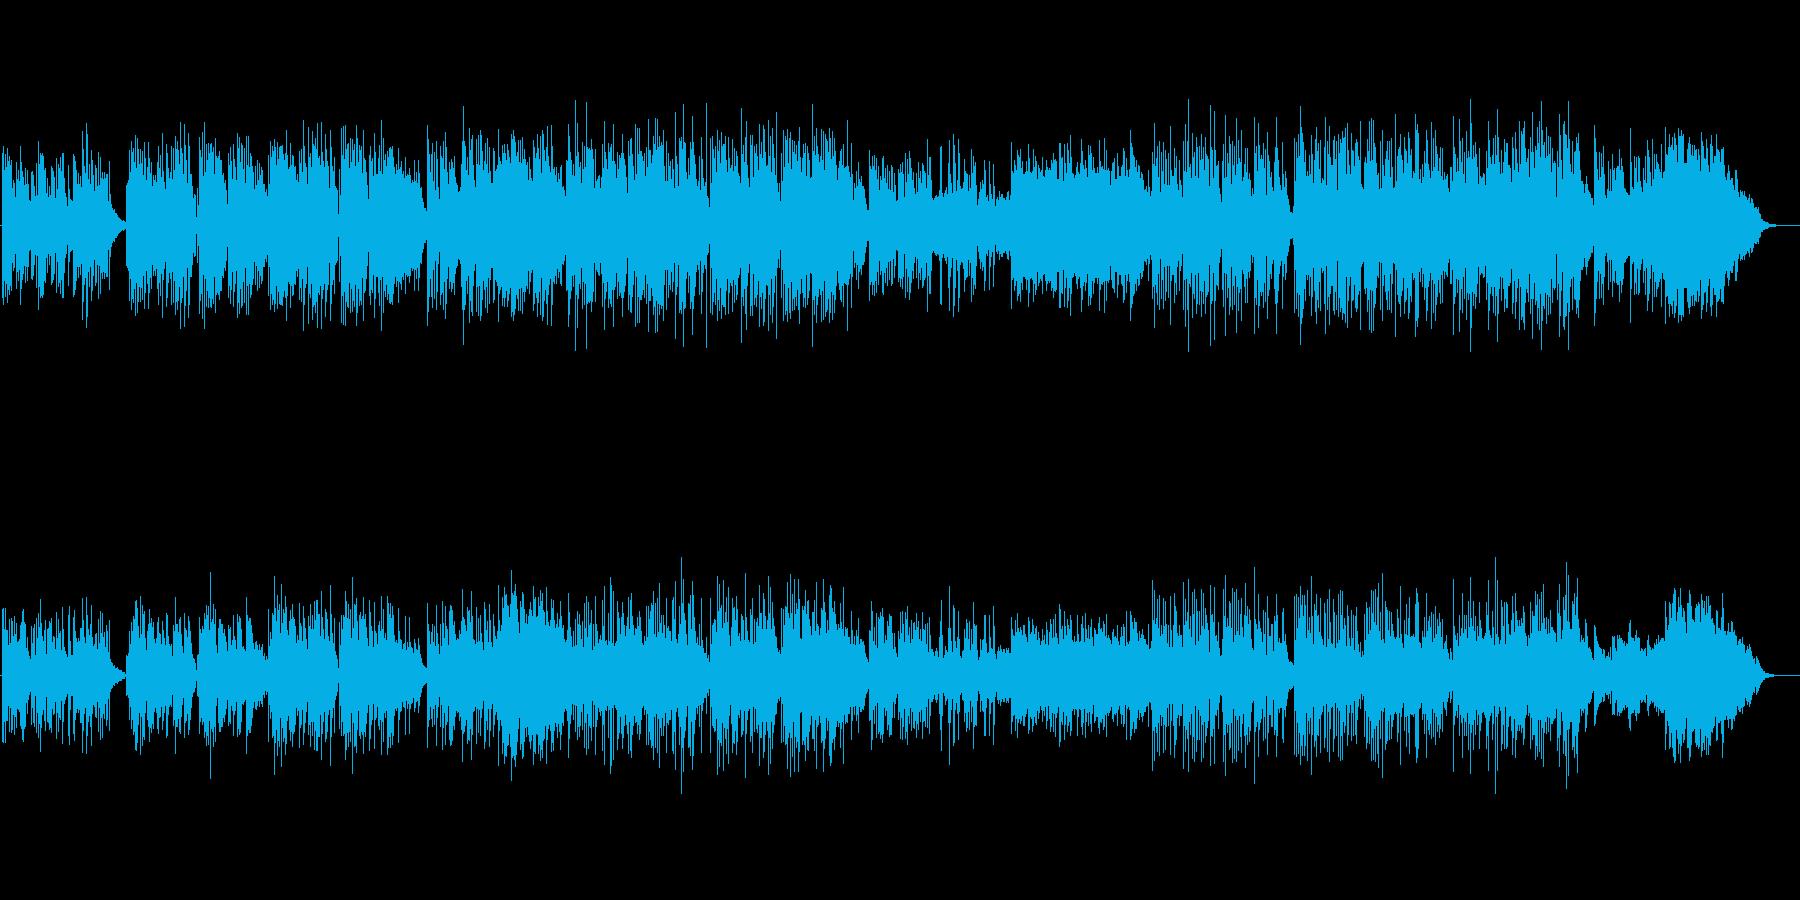 オリエンタル系イージーリスニングの再生済みの波形